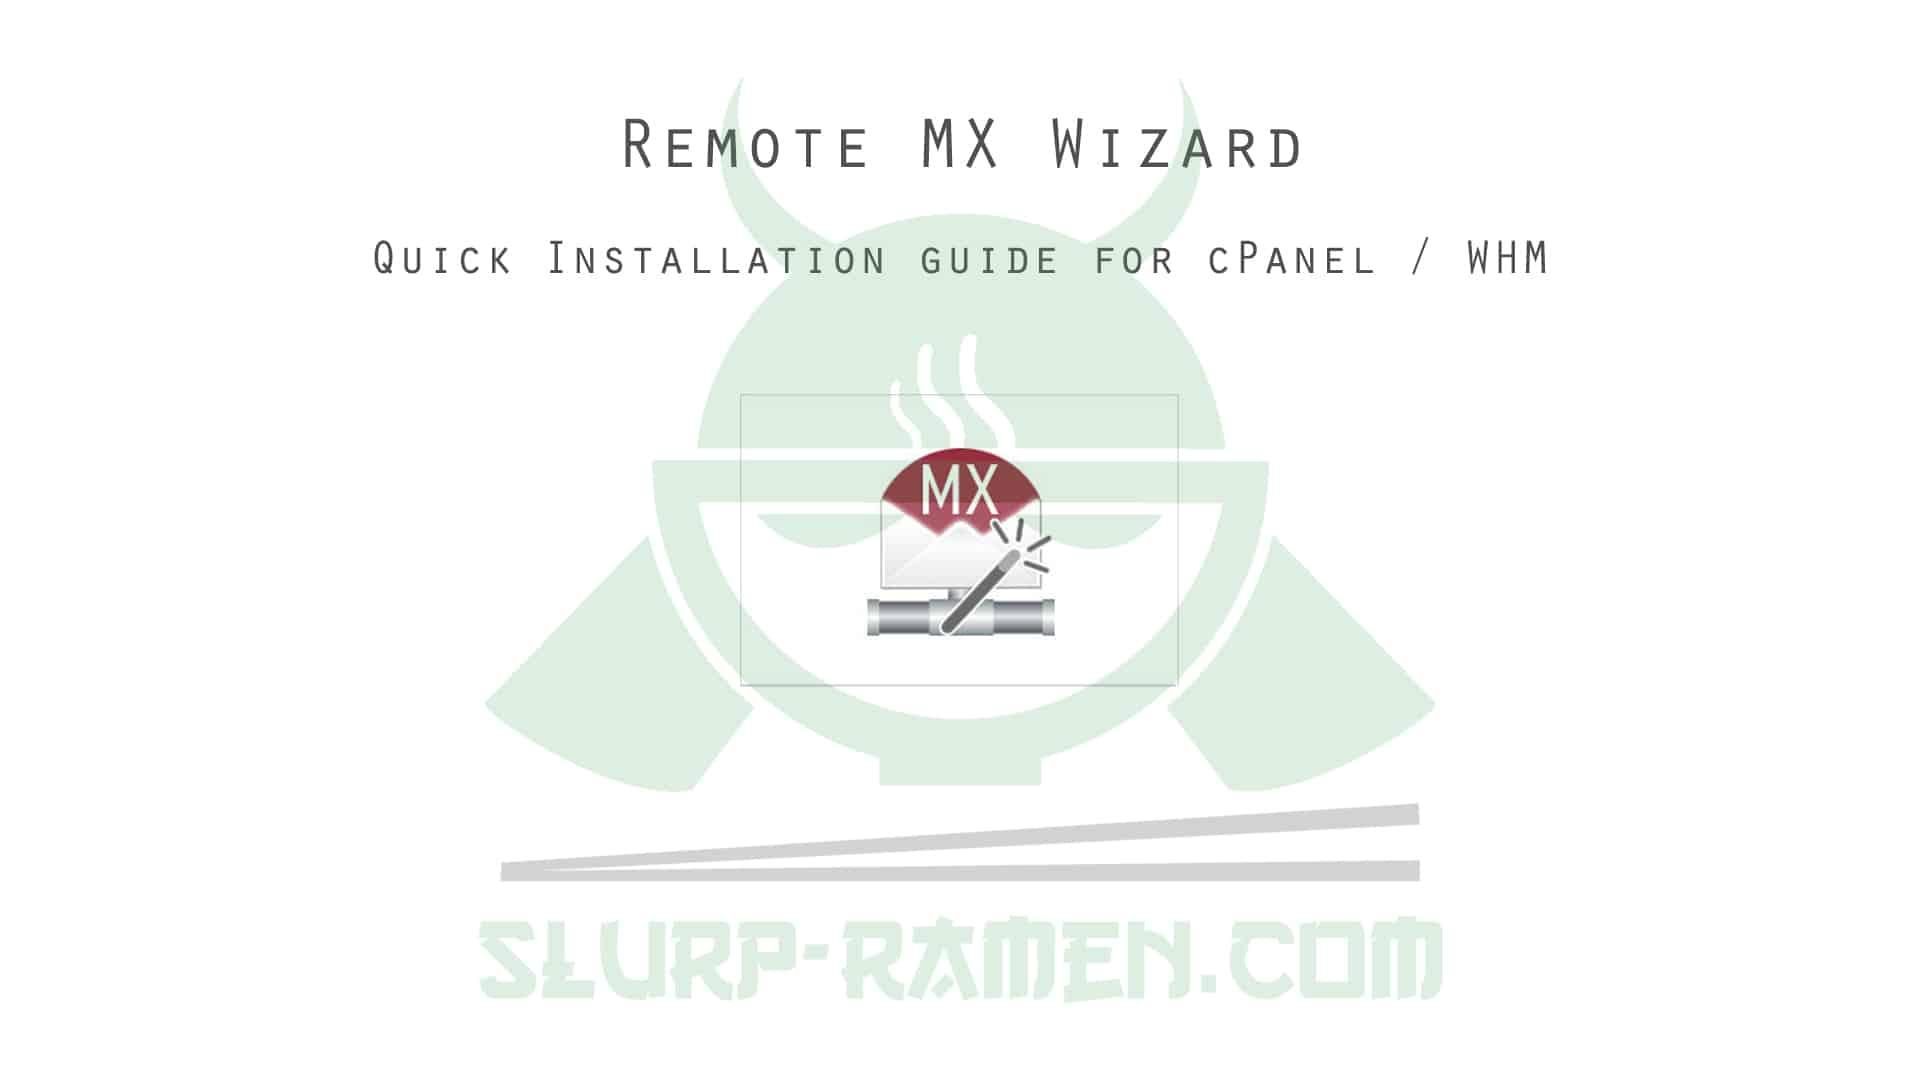 Remote MX Wizard installation for cPanel WHM